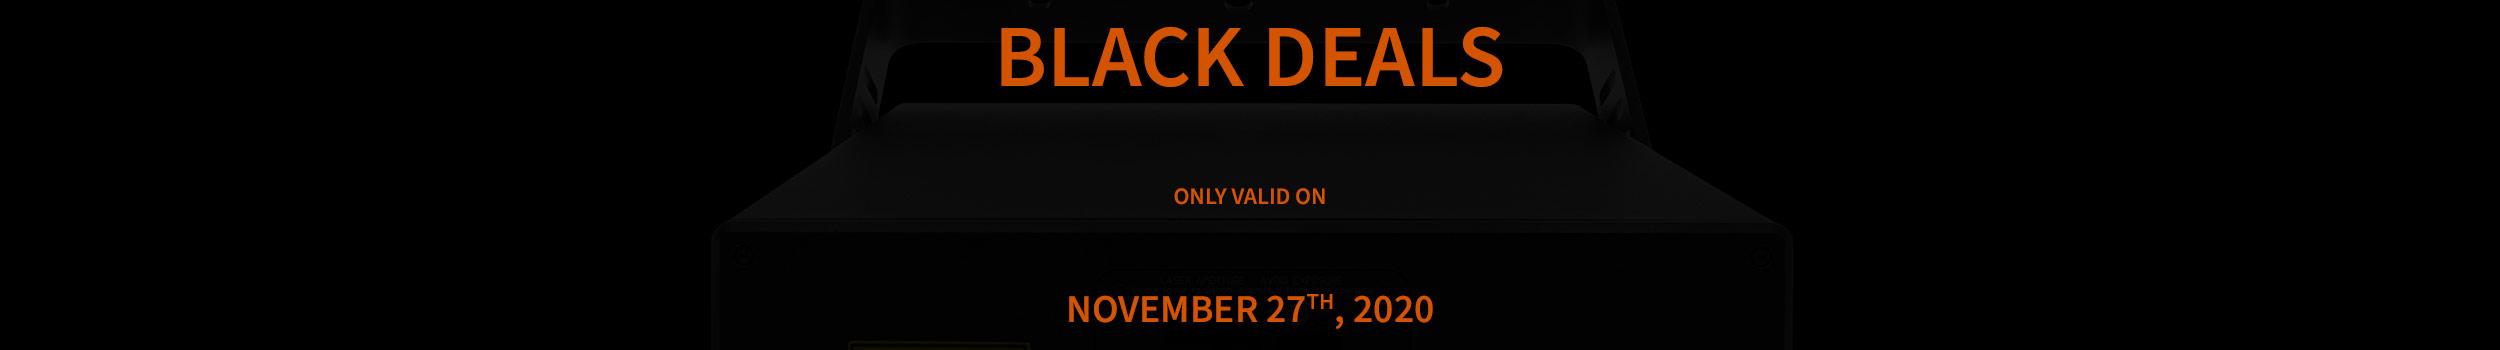 Laserworld Black Deals 2020